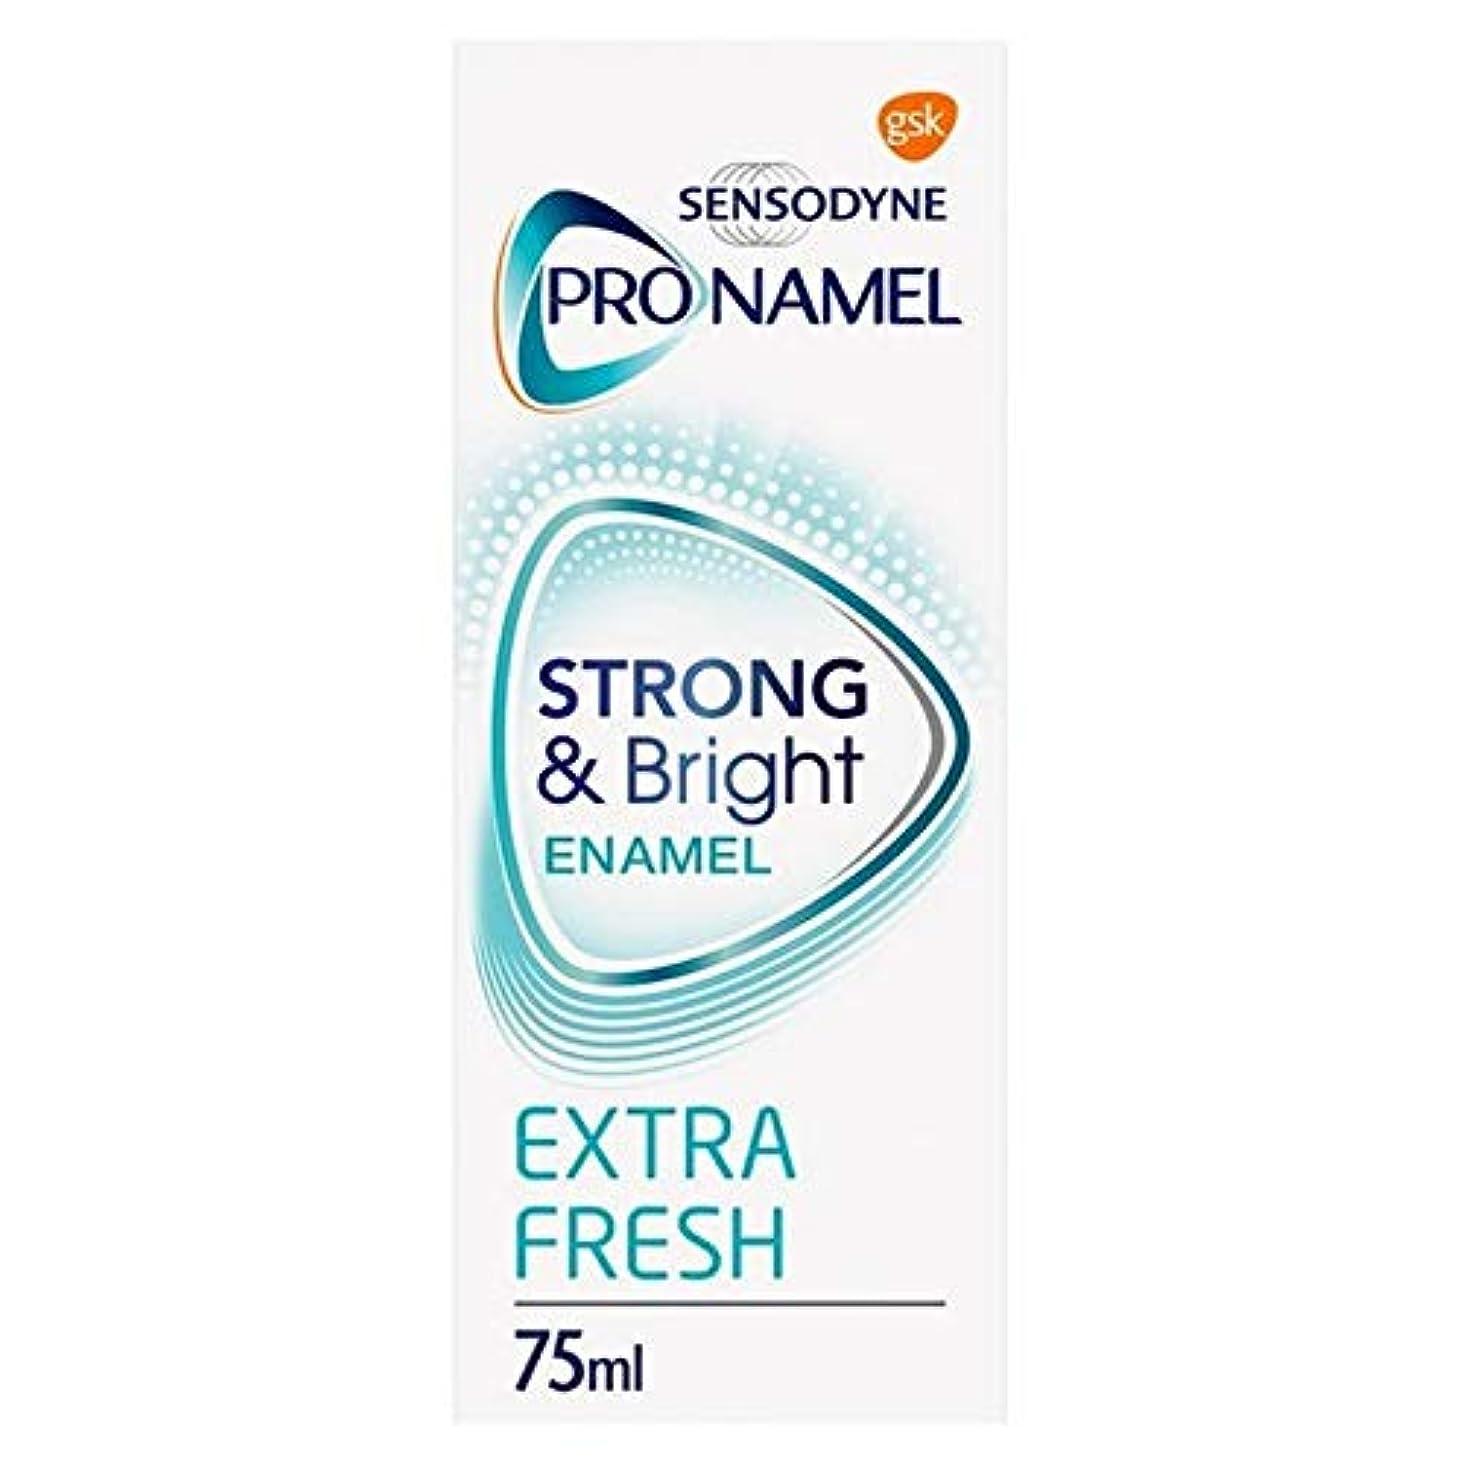 接地聖歌ライン[Sensodyne] SensodyneのPronamel強い&ブライト歯磨き粉75ミリリットル - Sensodyne Pronamel Strong & Bright Toothpaste 75ml [並行輸入品]